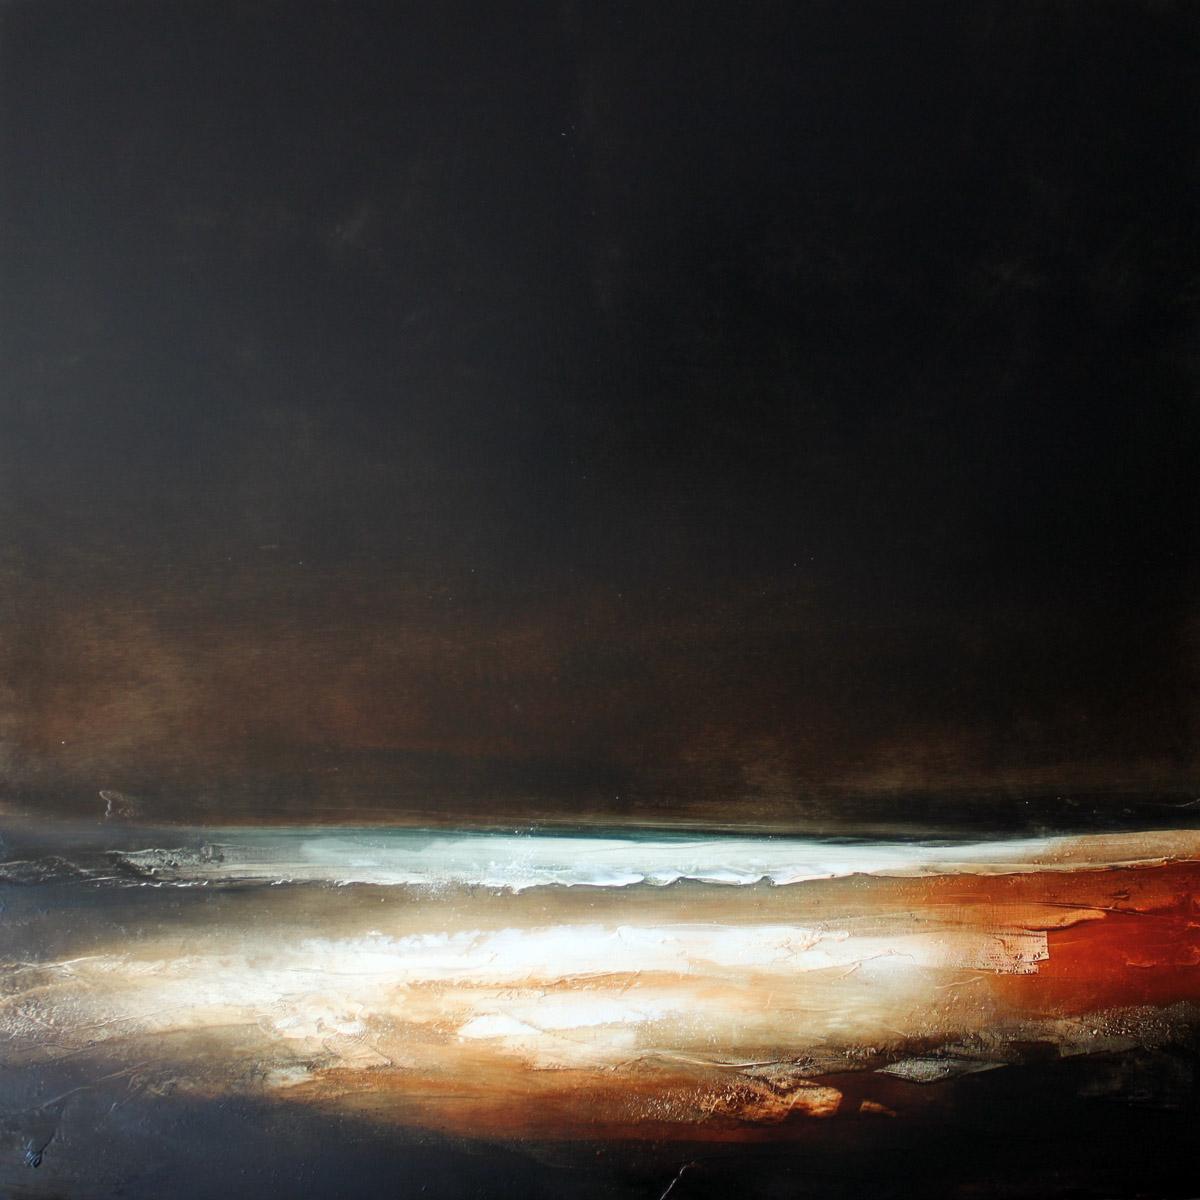 First Light 2 by Paul Bennett